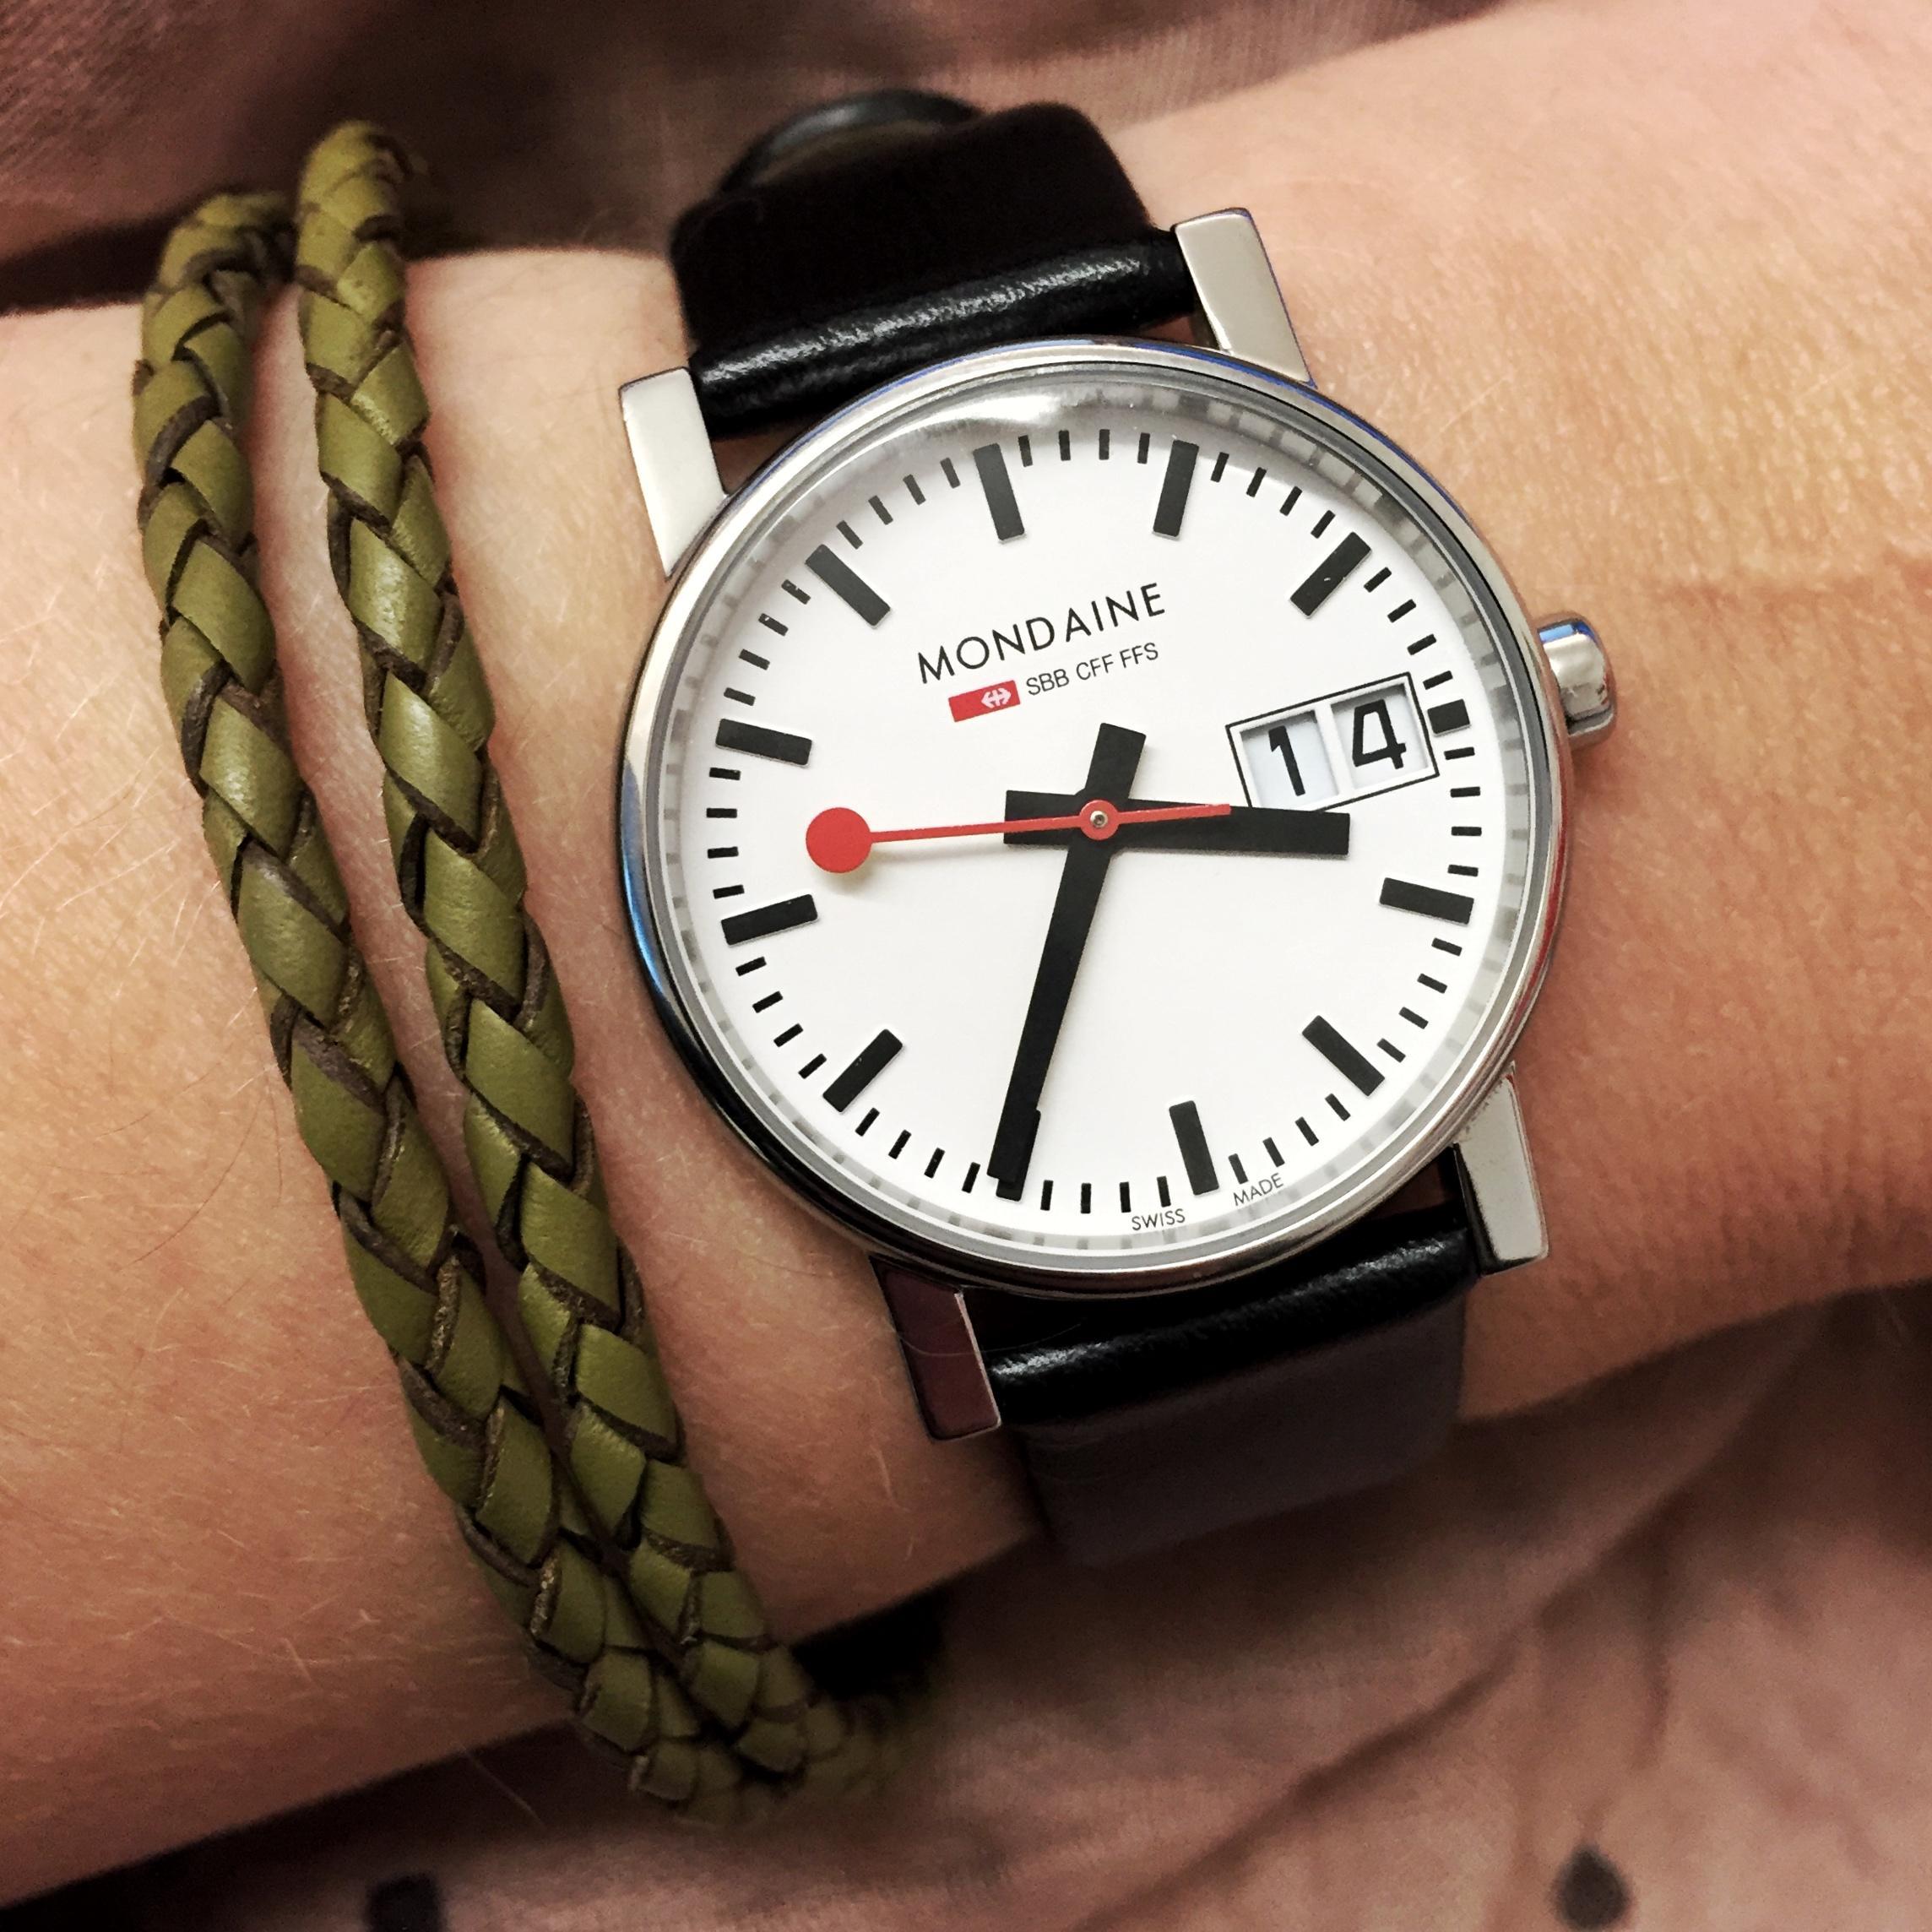 Time - My Mondaine Swiss Railway Watch